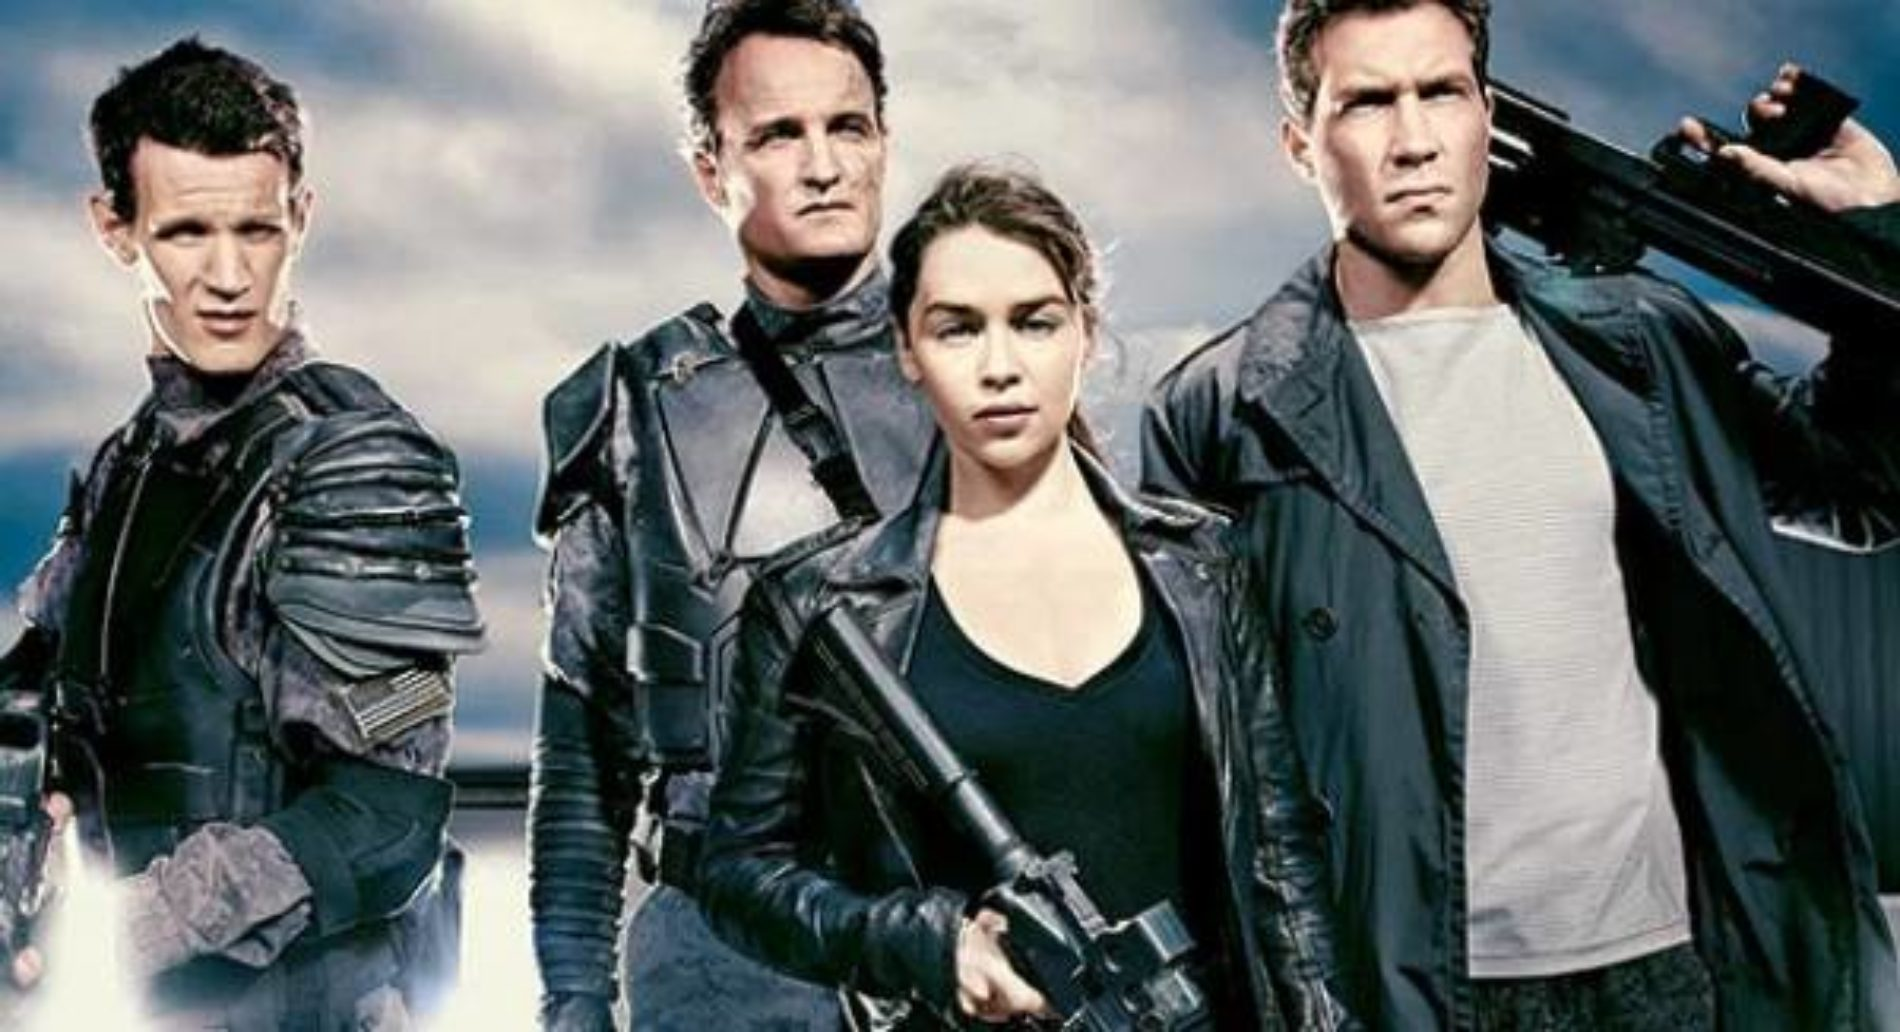 El rodaje de Terminator 6 se retrasa hasta mayo 2018